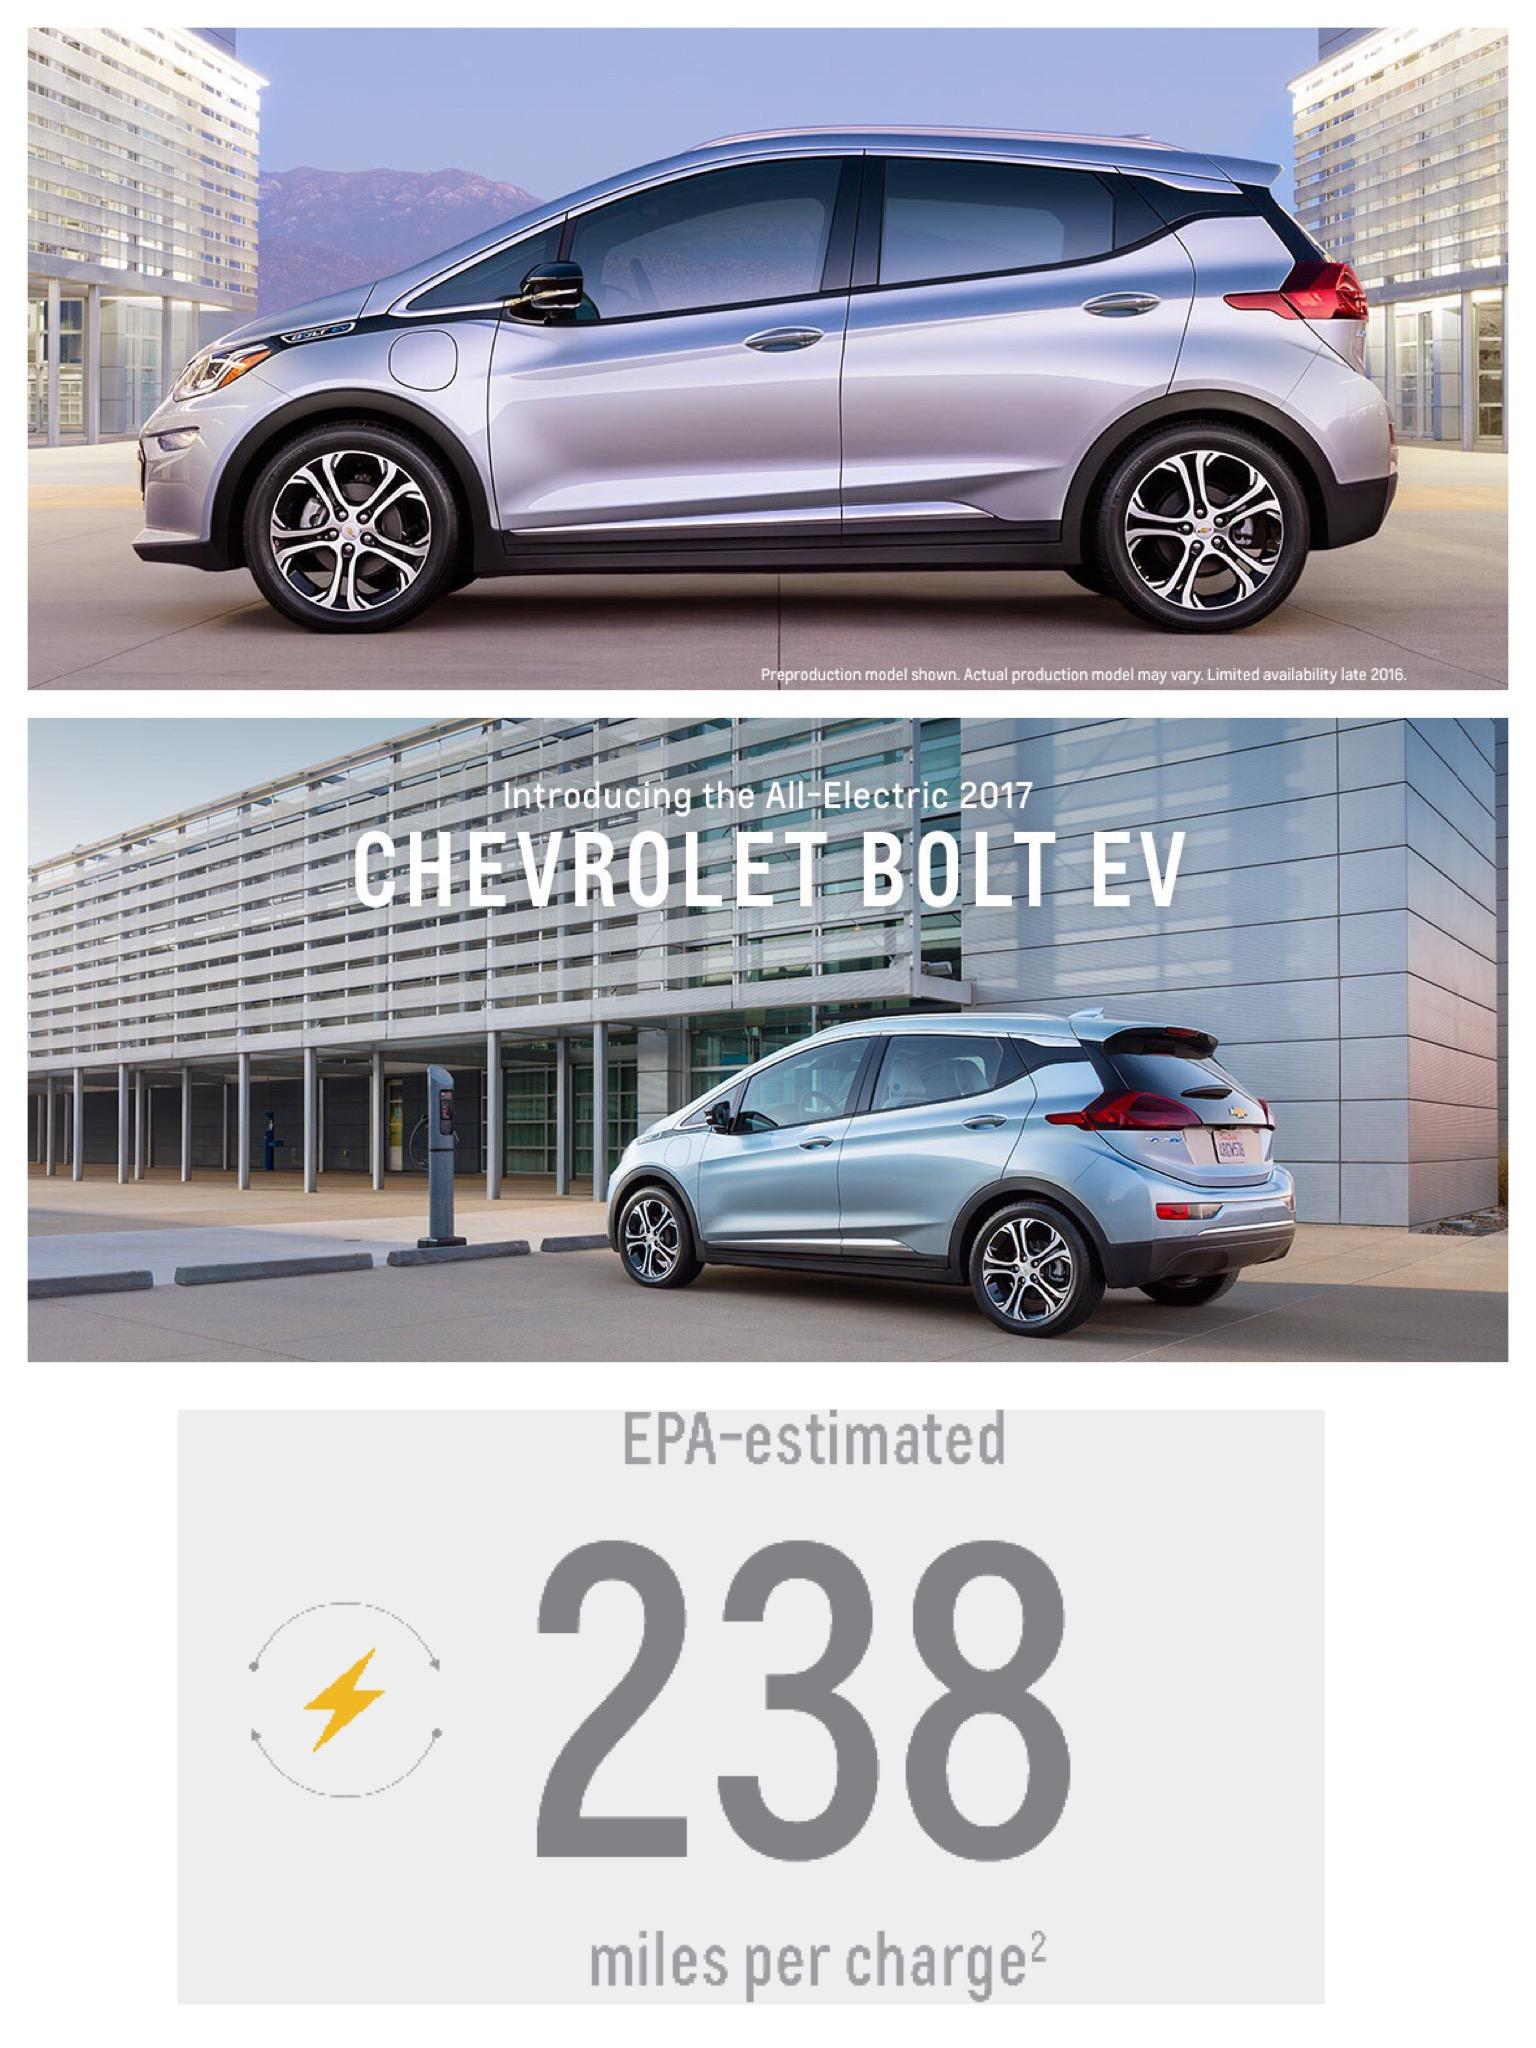 GM シボレーボルトBOLT EV